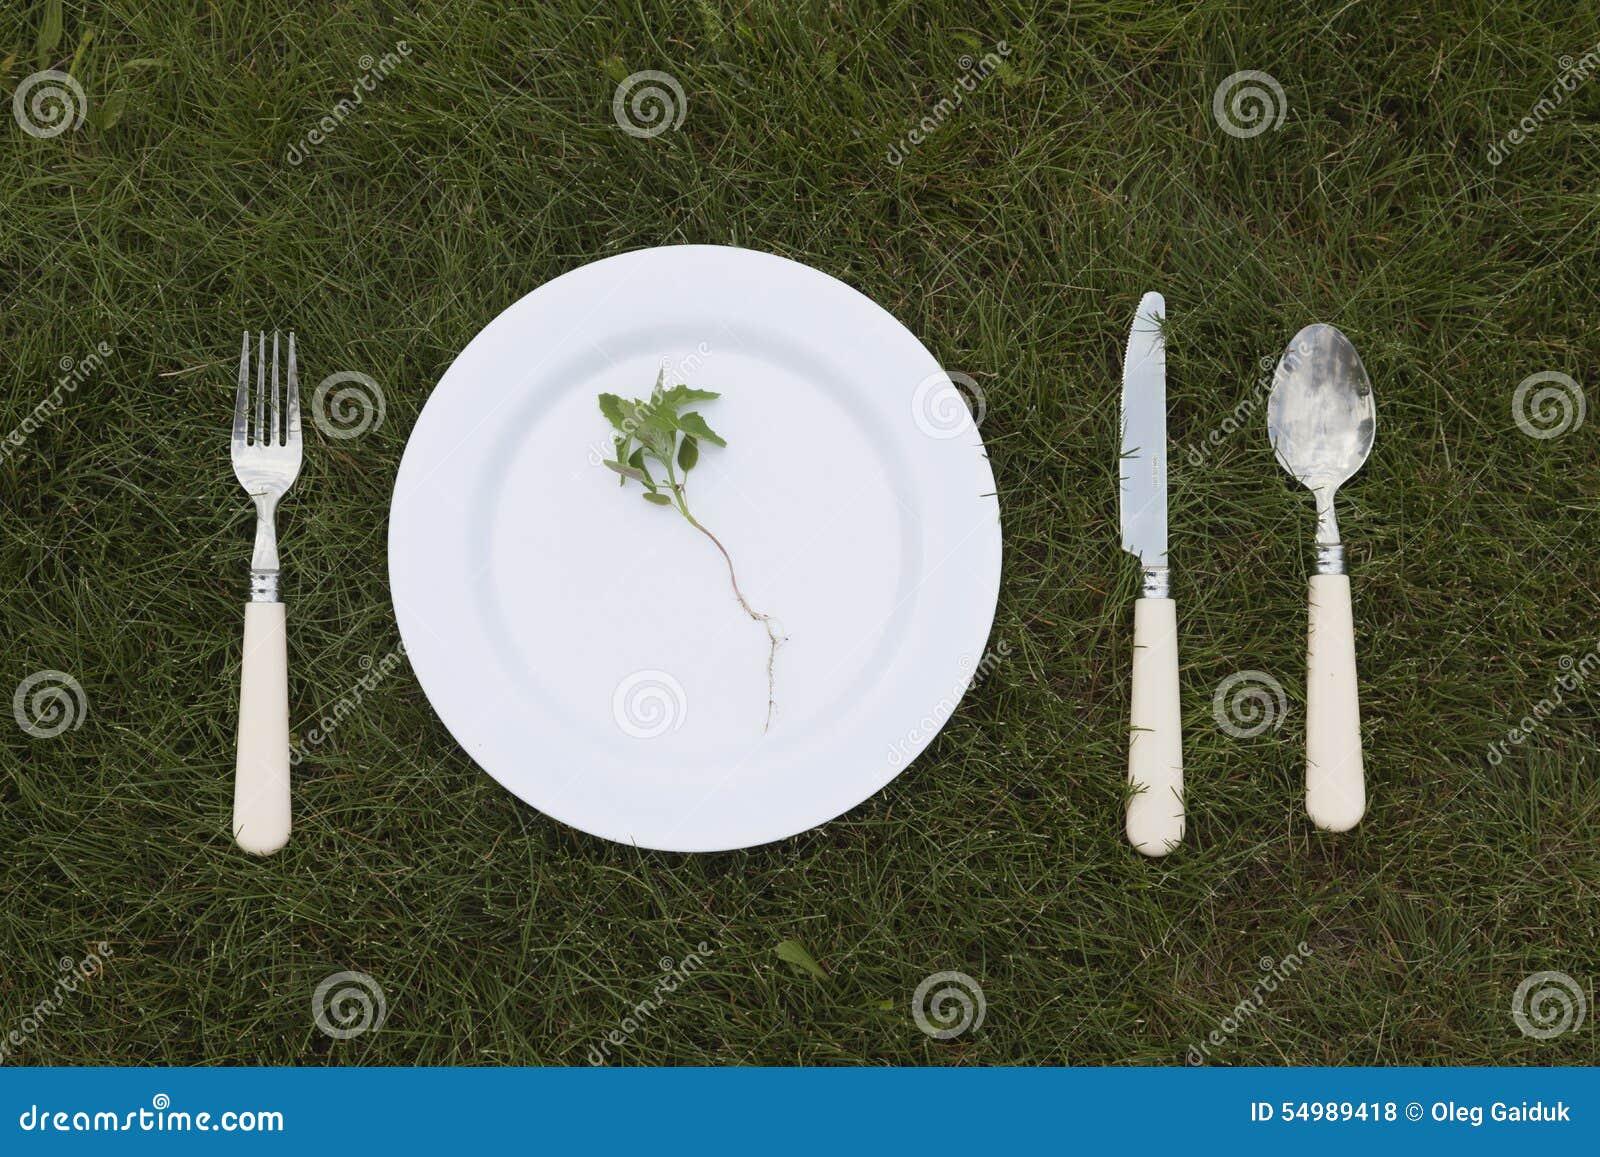 Vit platta på gräs